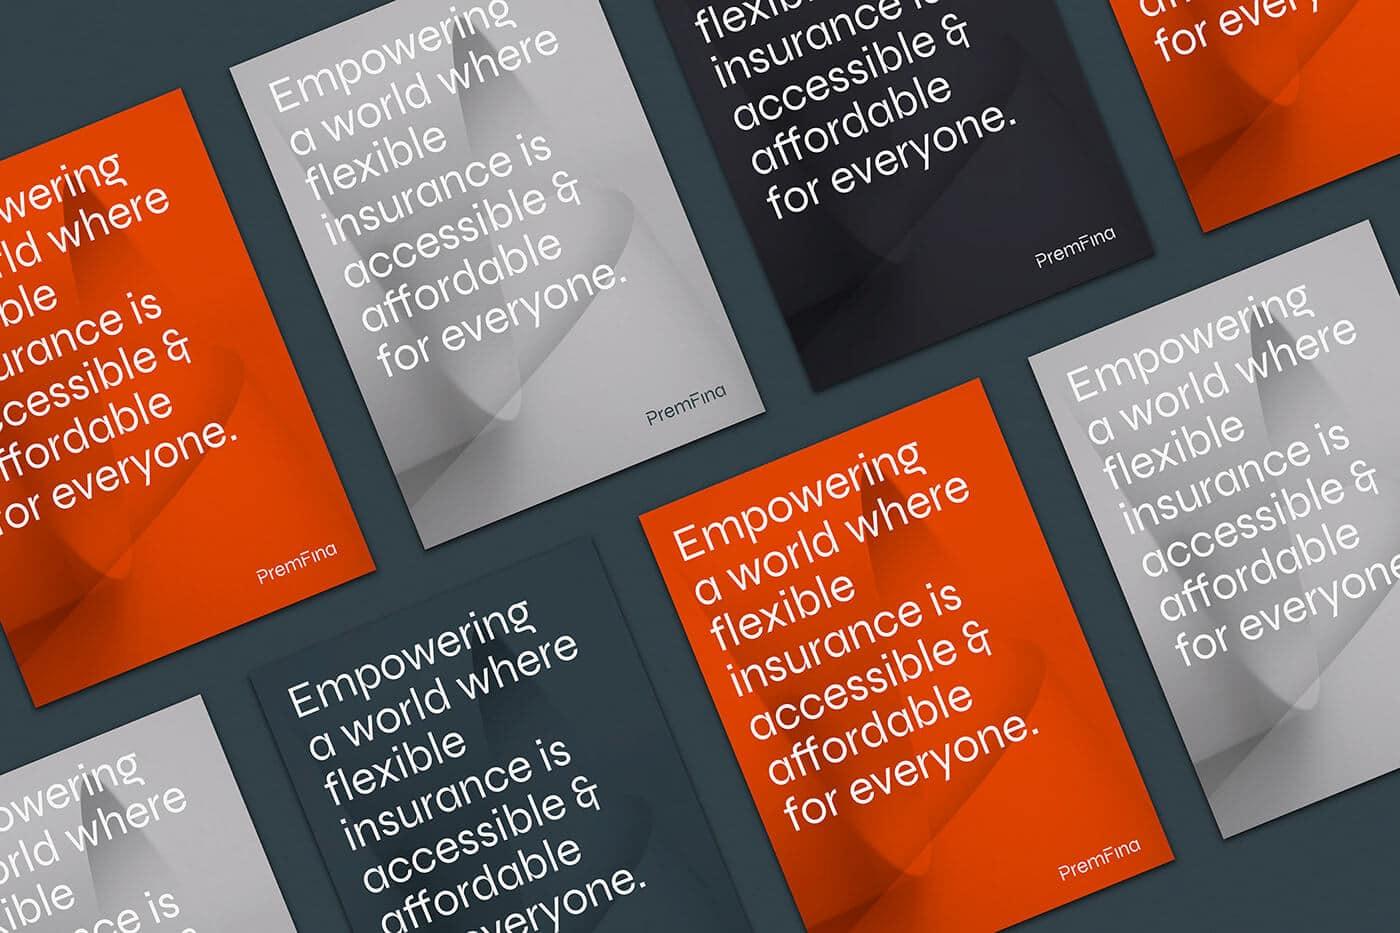 PremFina Corporate Rebrand